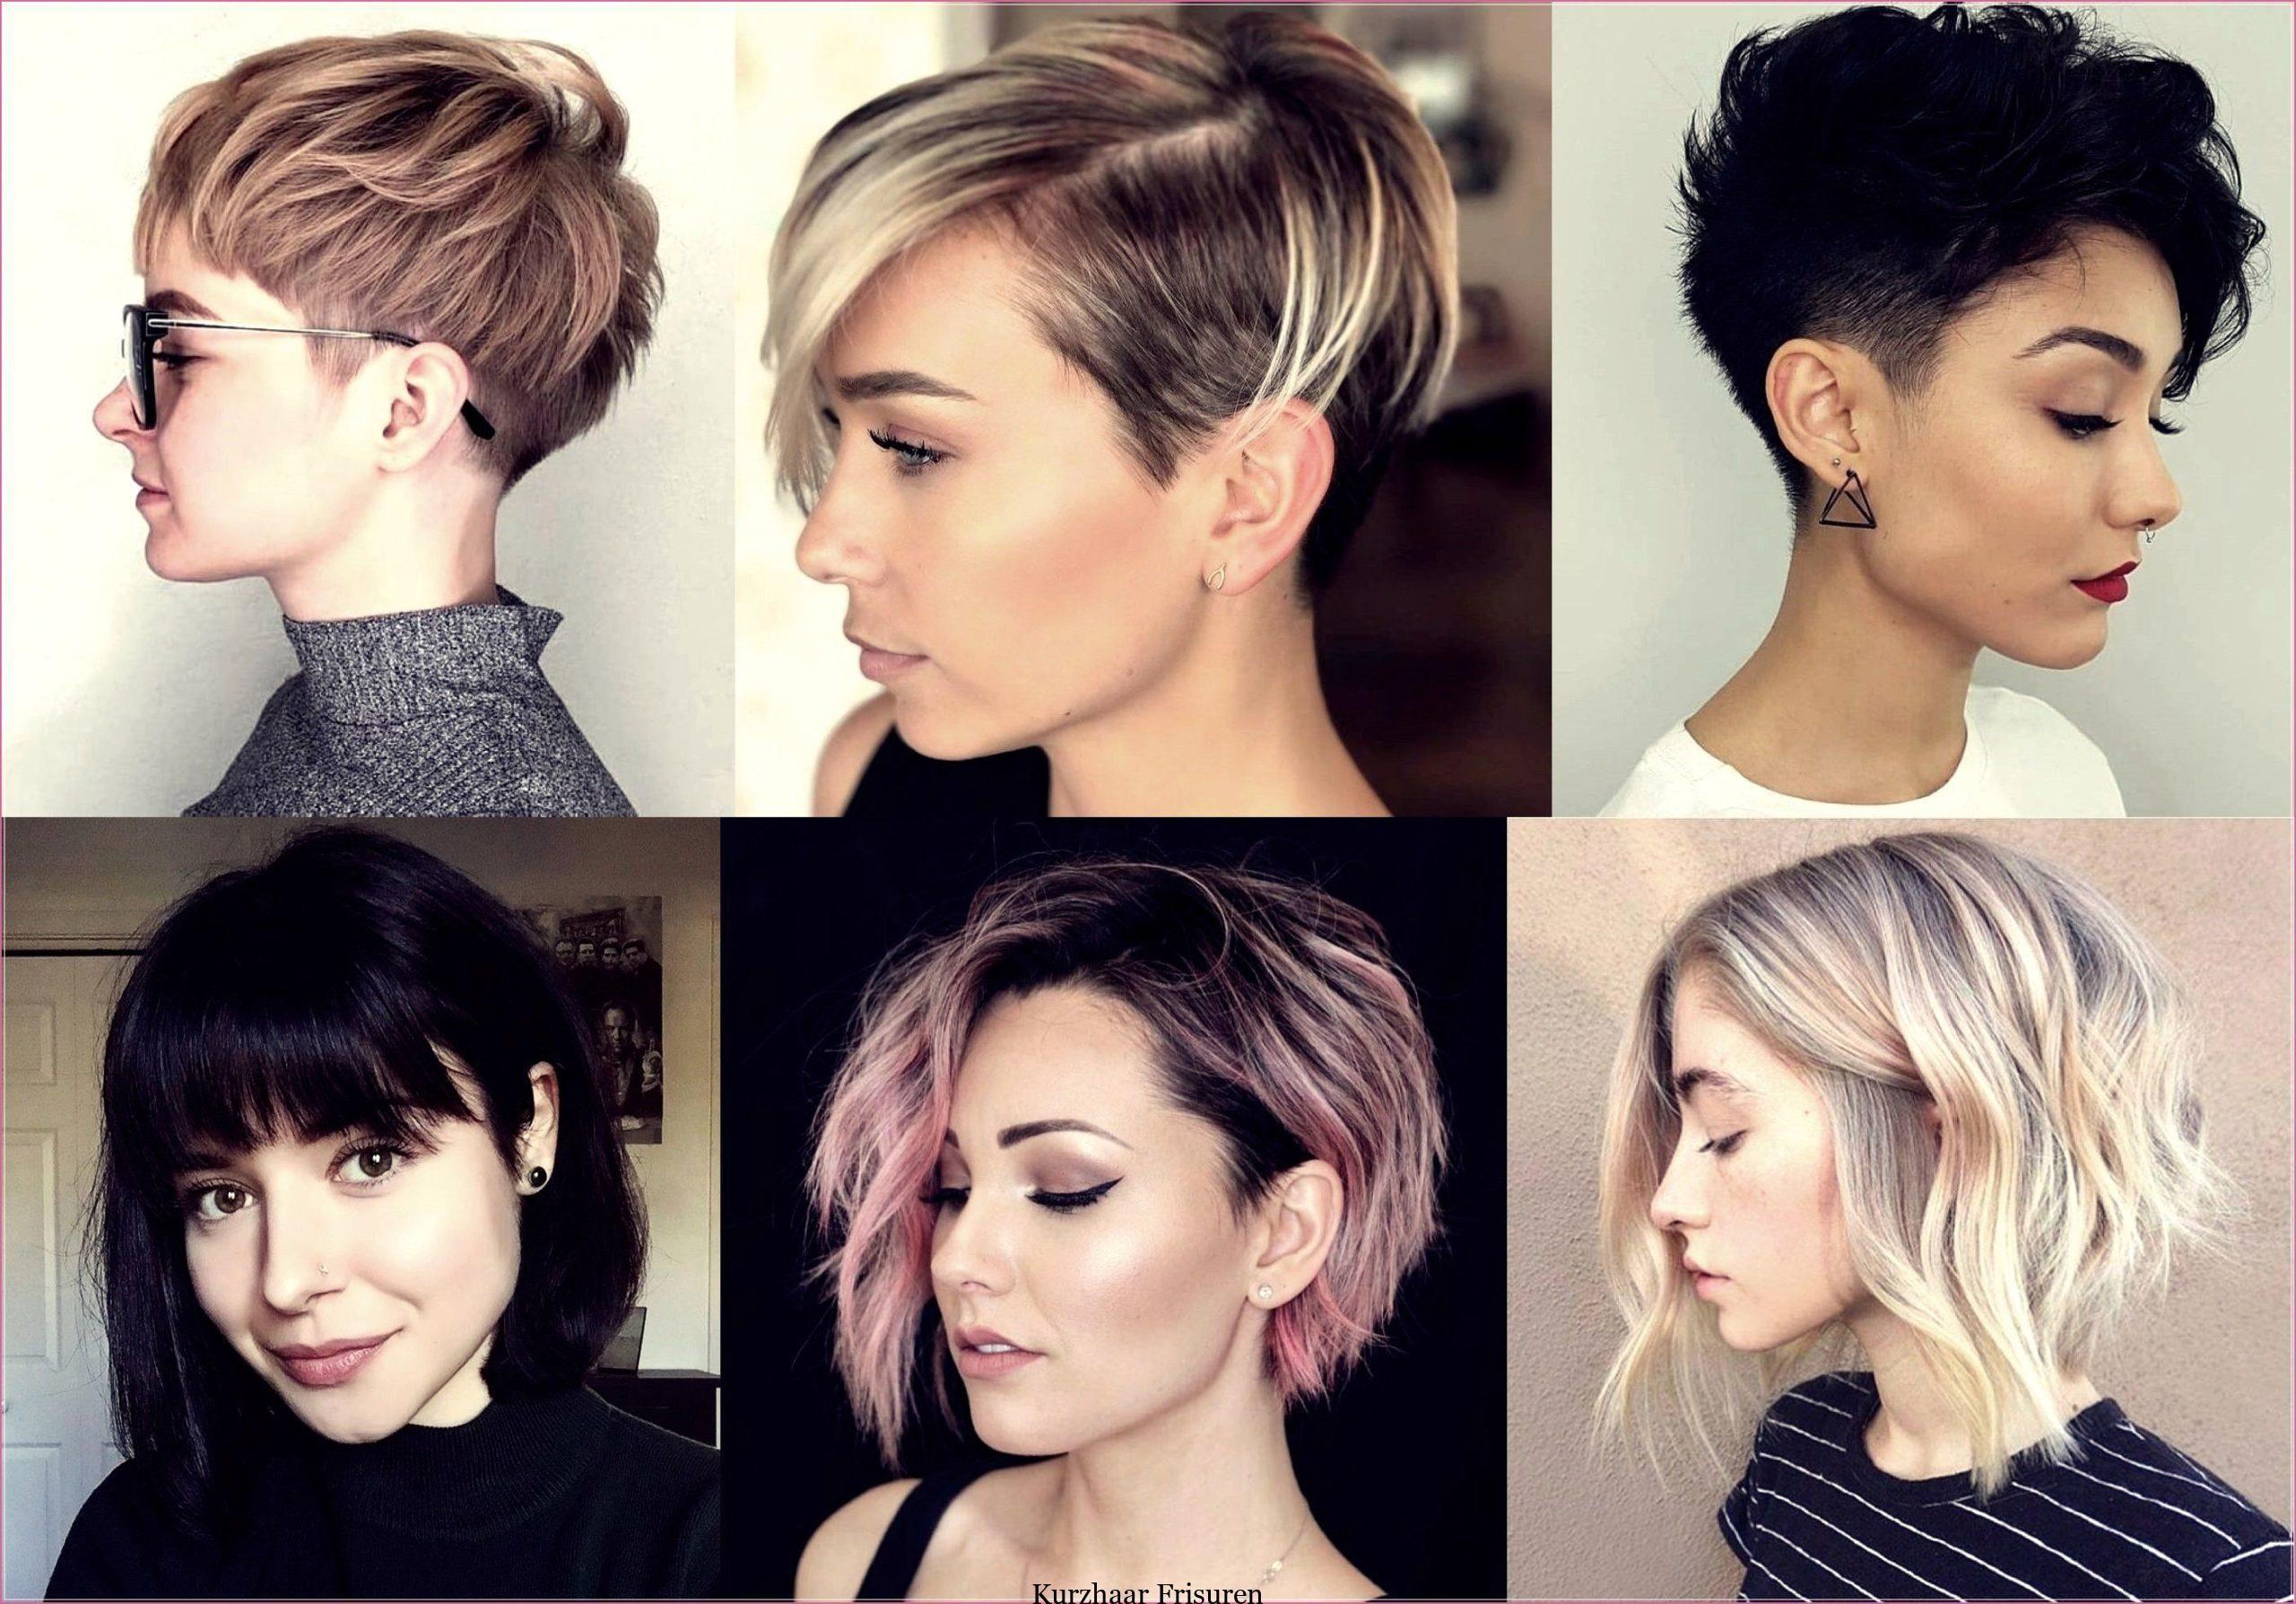 Kurze Frisuren 10 Dünnes Haar - #dunnes #frisuren #kurze